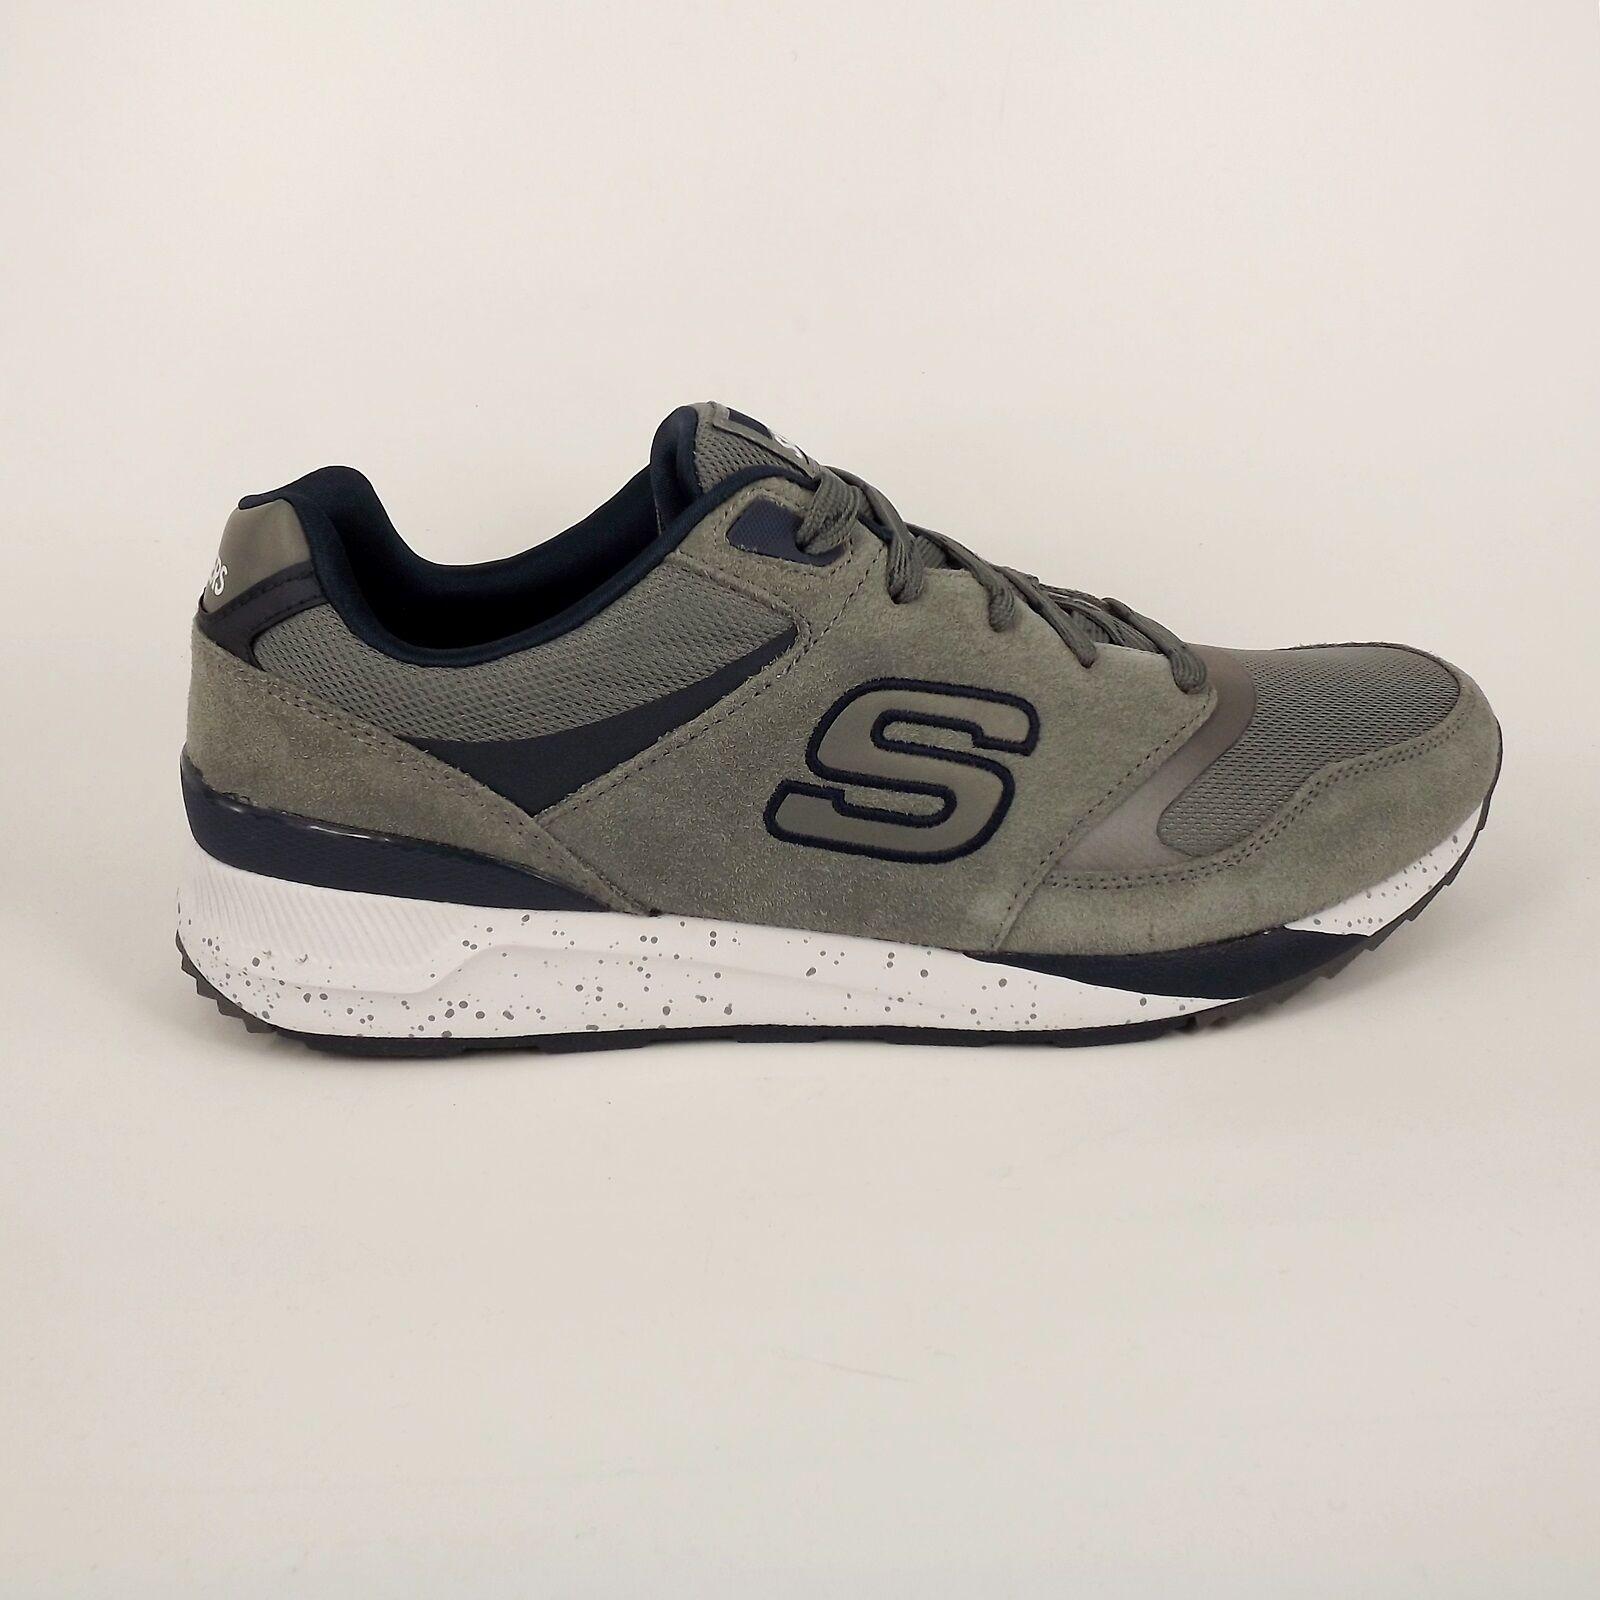 Skechers - 52350 - OG `90 - grey/navy